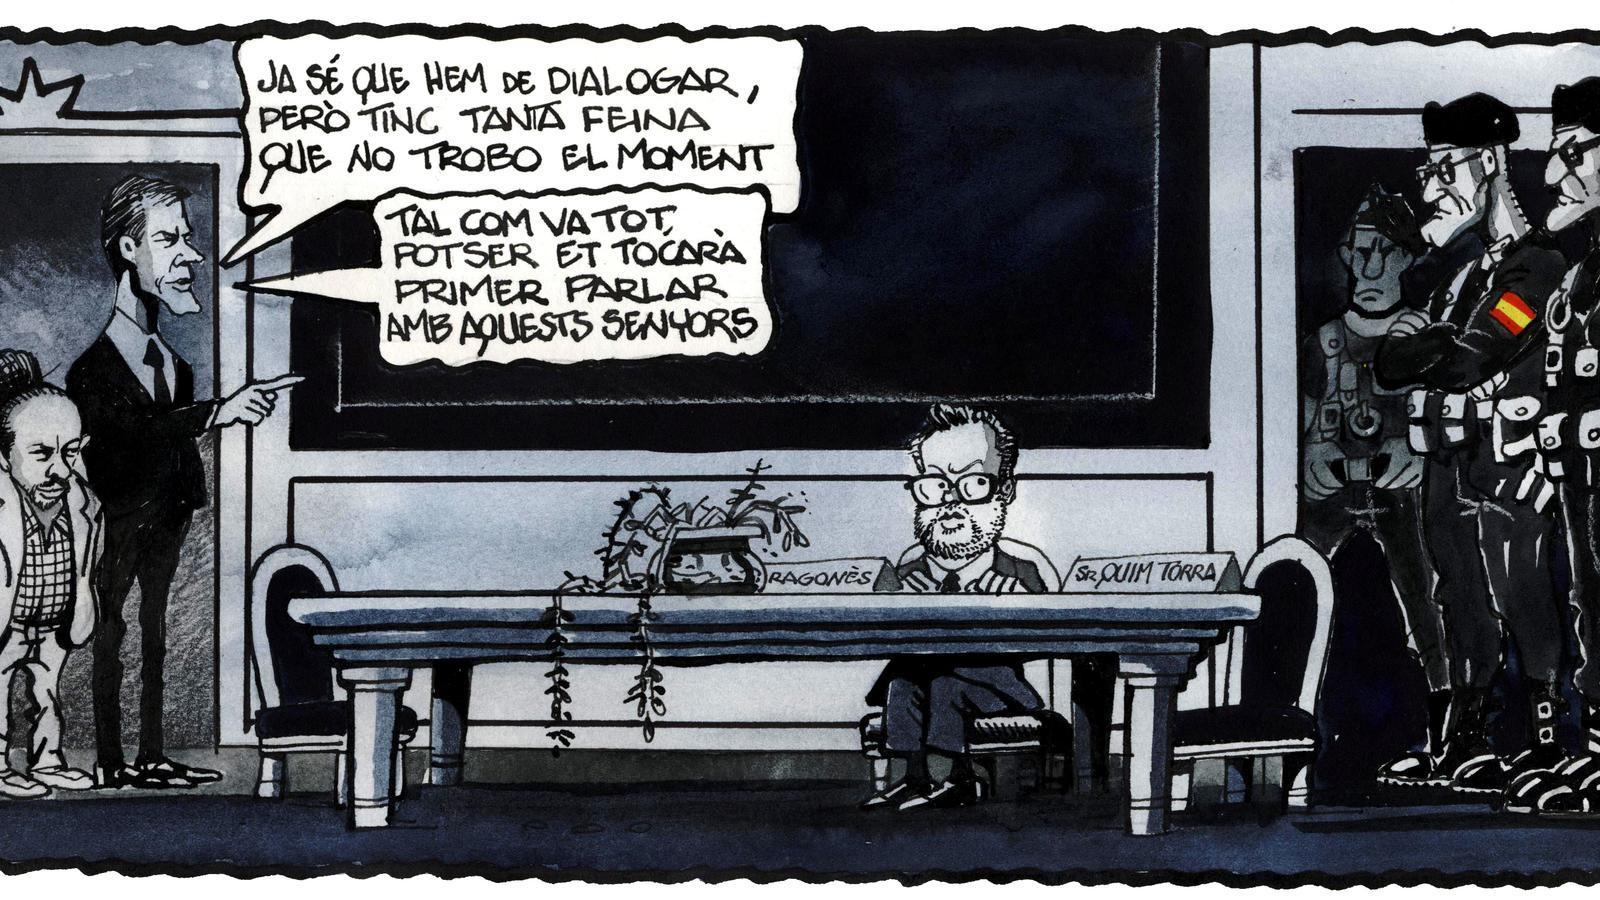 'A la contra', per Ferreres 31/10/2020